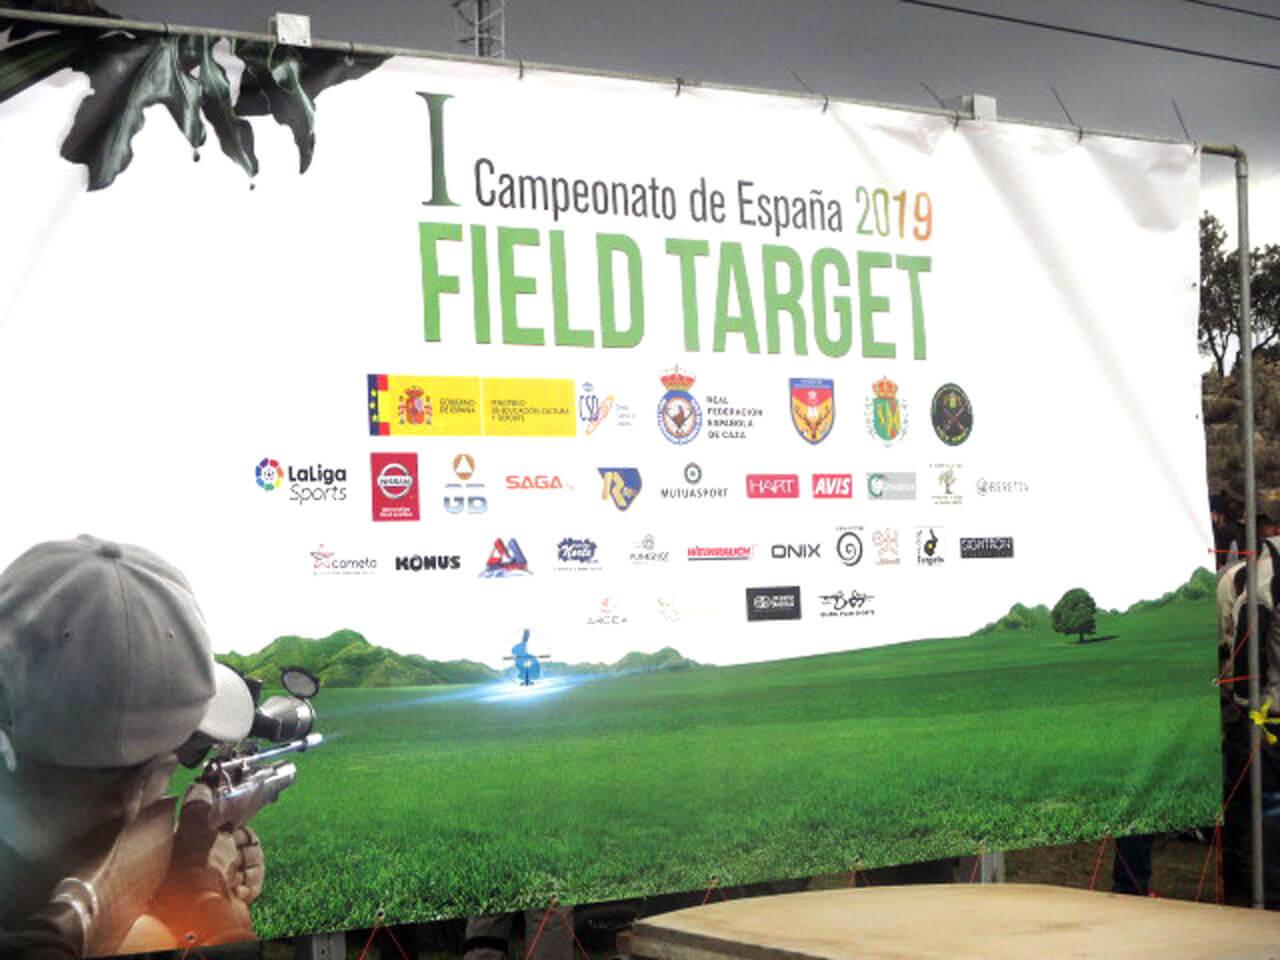 Campeonato de España Field Target 2019